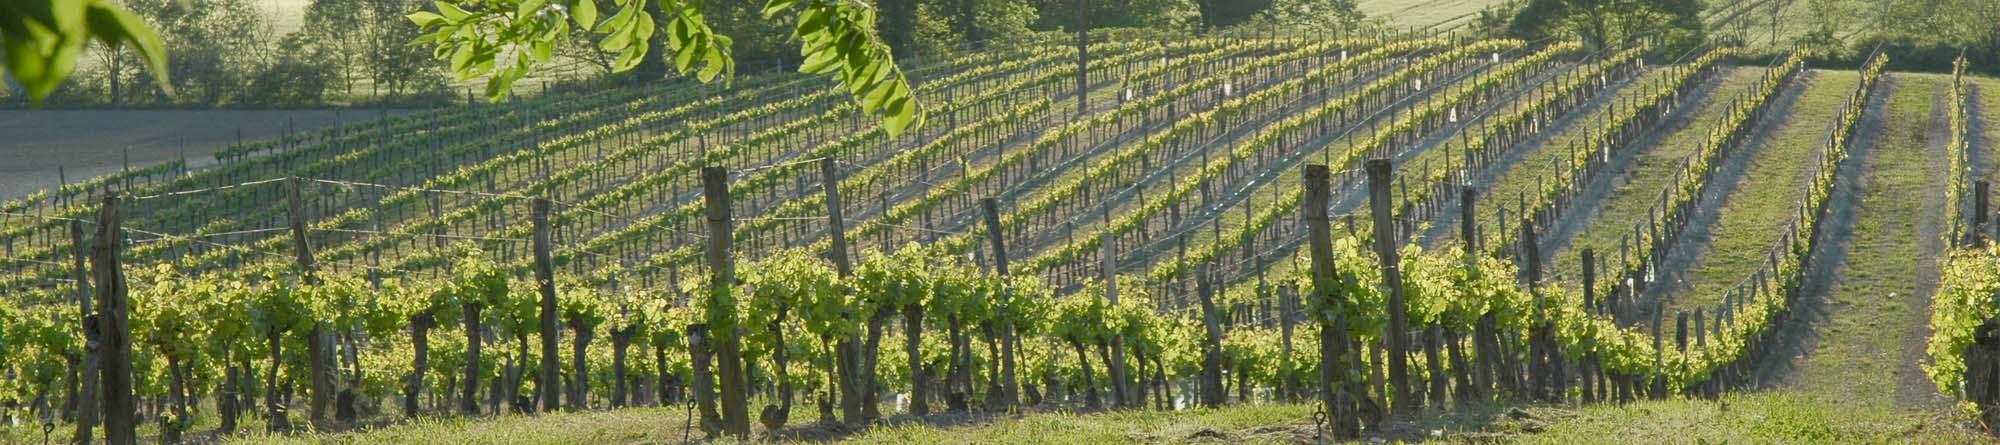 Vigneron, créateur de paysage